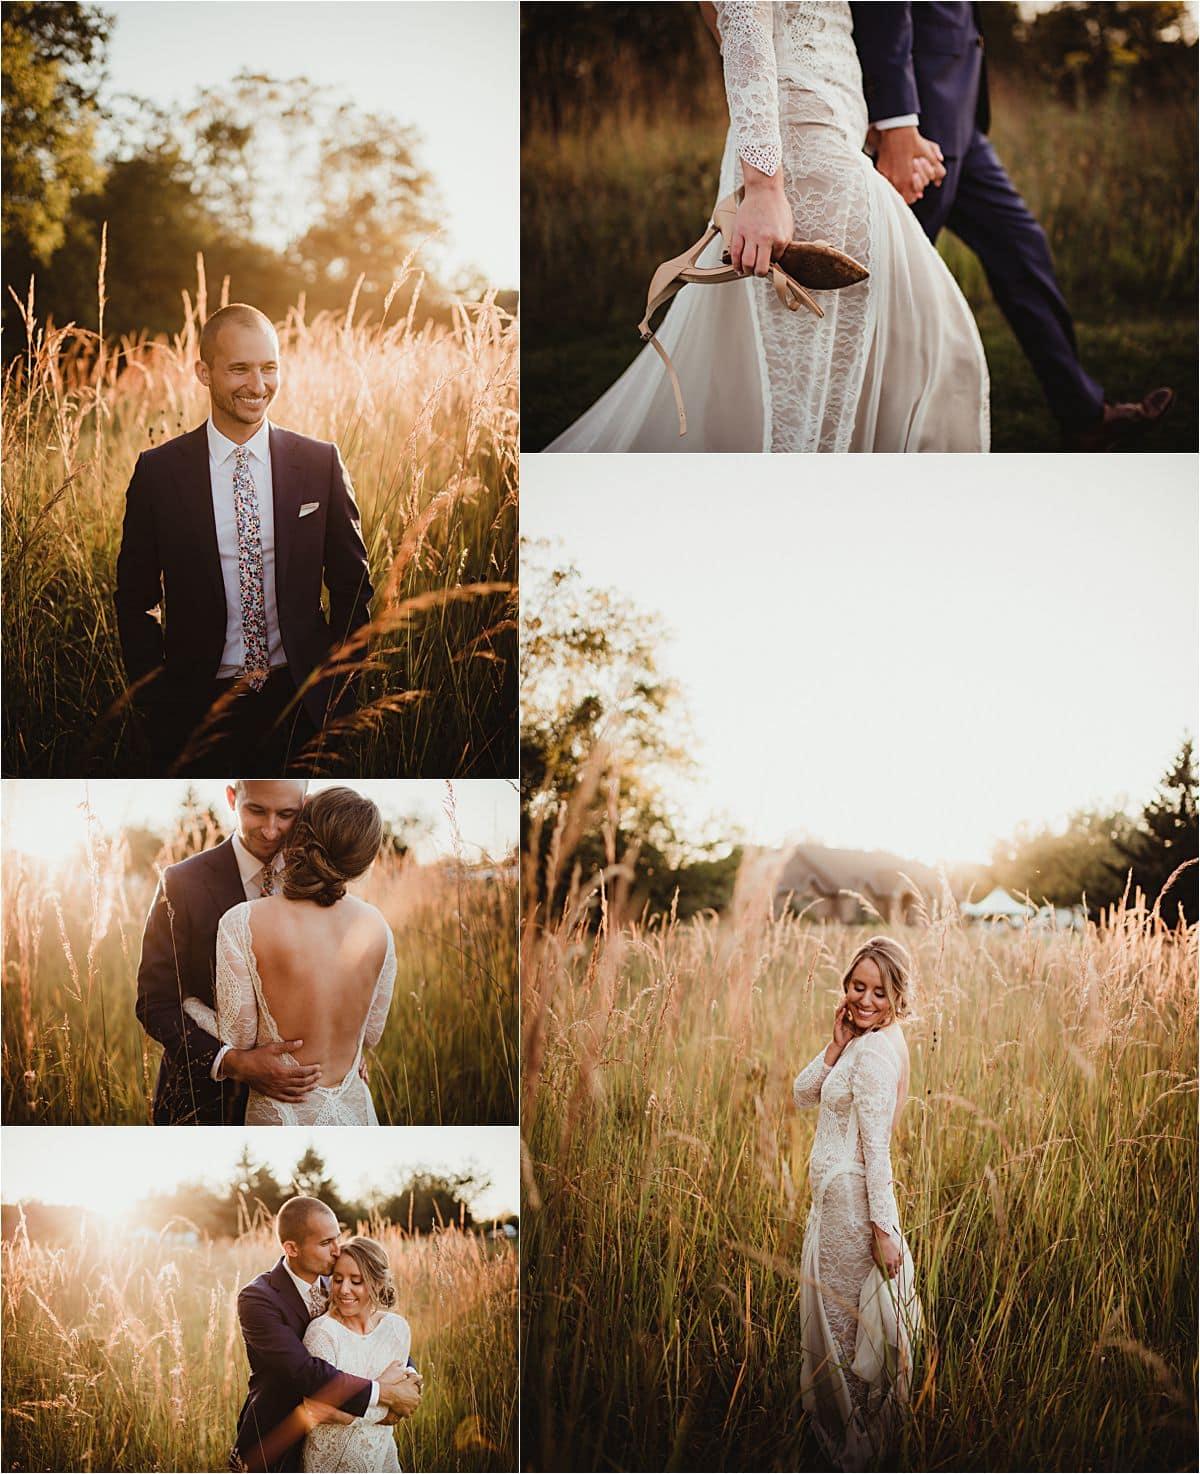 Romantic Backyard Fall Wedding Bride Groom in Field